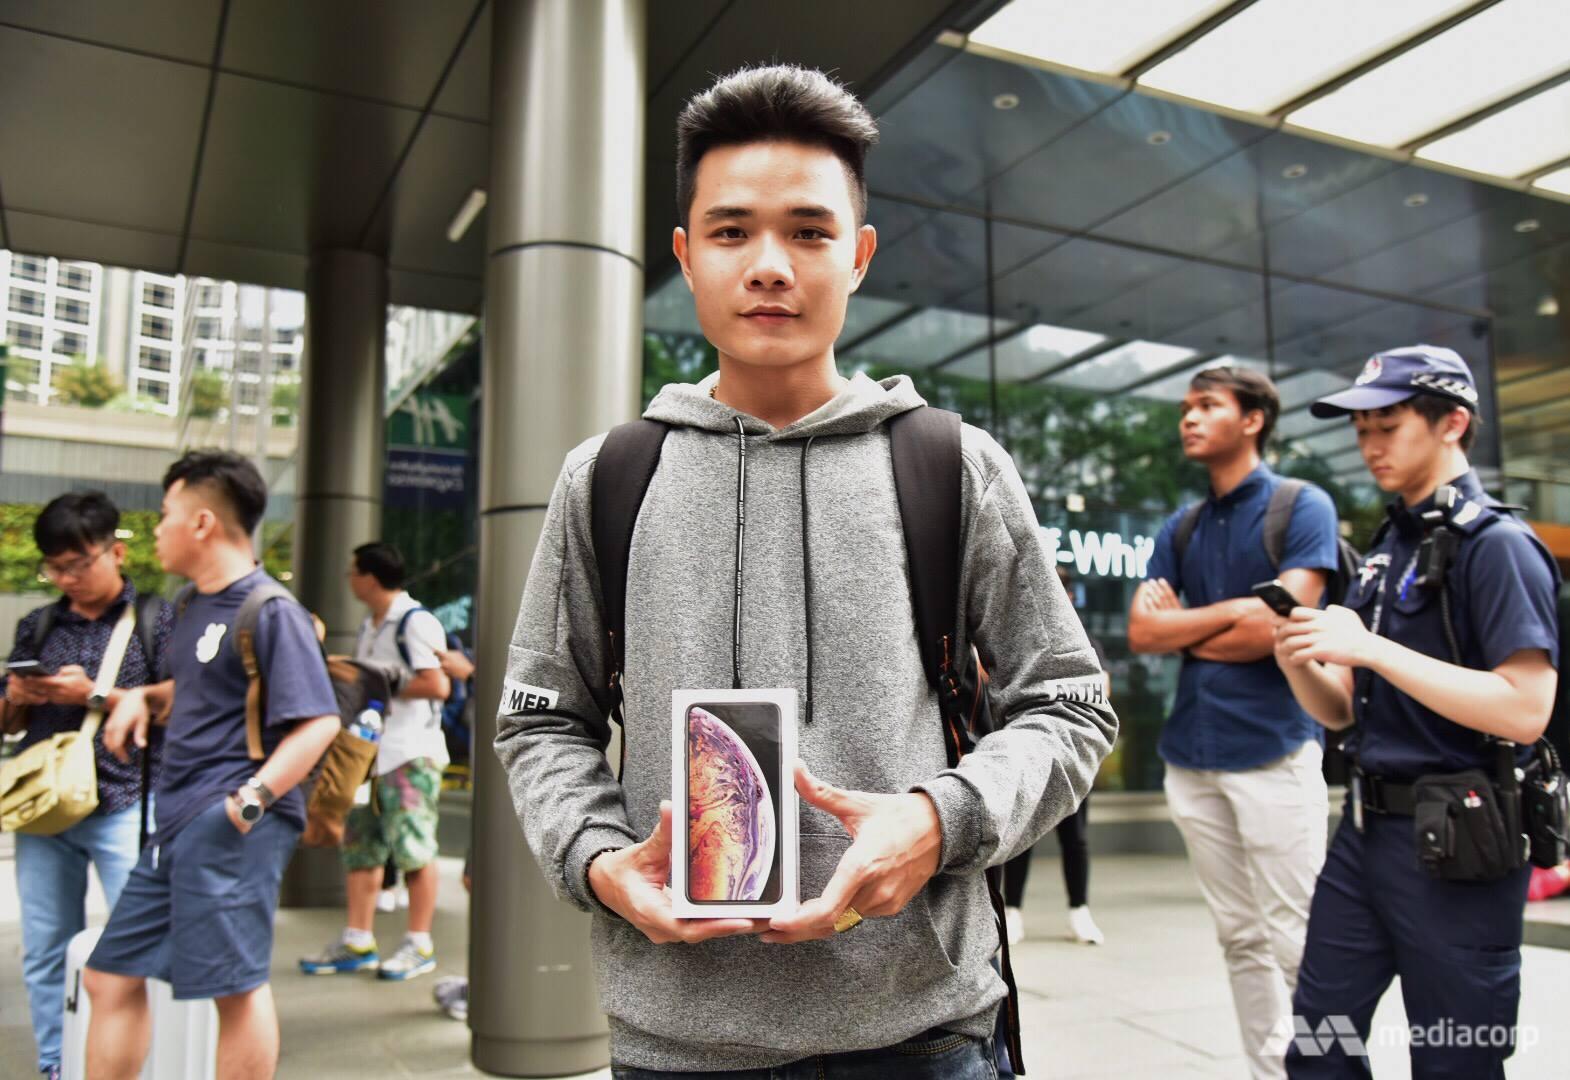 Thanh niên Việt Nam là người đầu tiên xếp hàng mua iPhone, cộng đồng mạng nghĩ gì?